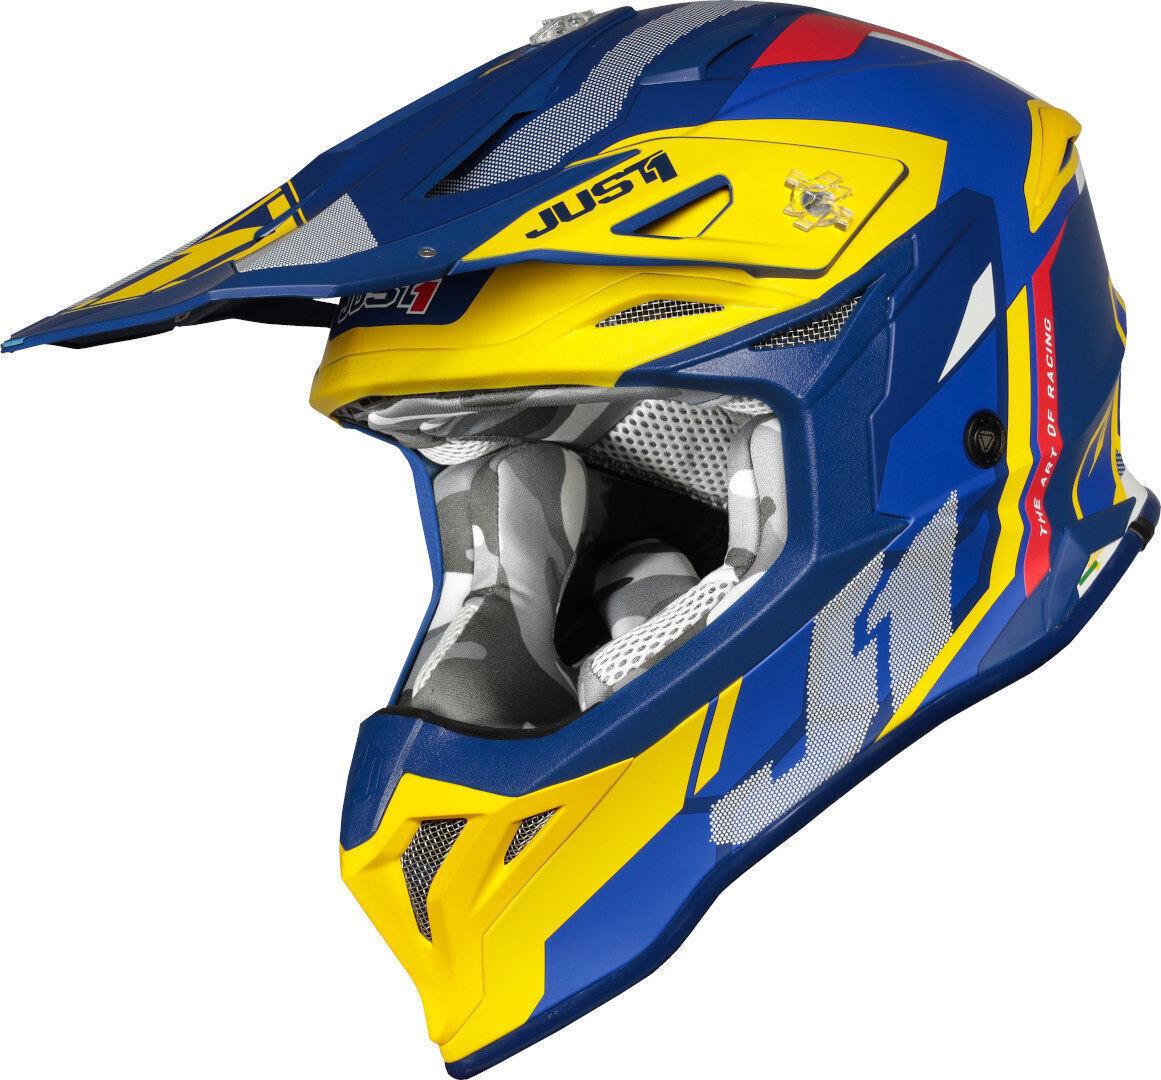 Just1 J39 Reactor Motocross kypärä  - Sininen Keltainen - Size: XL